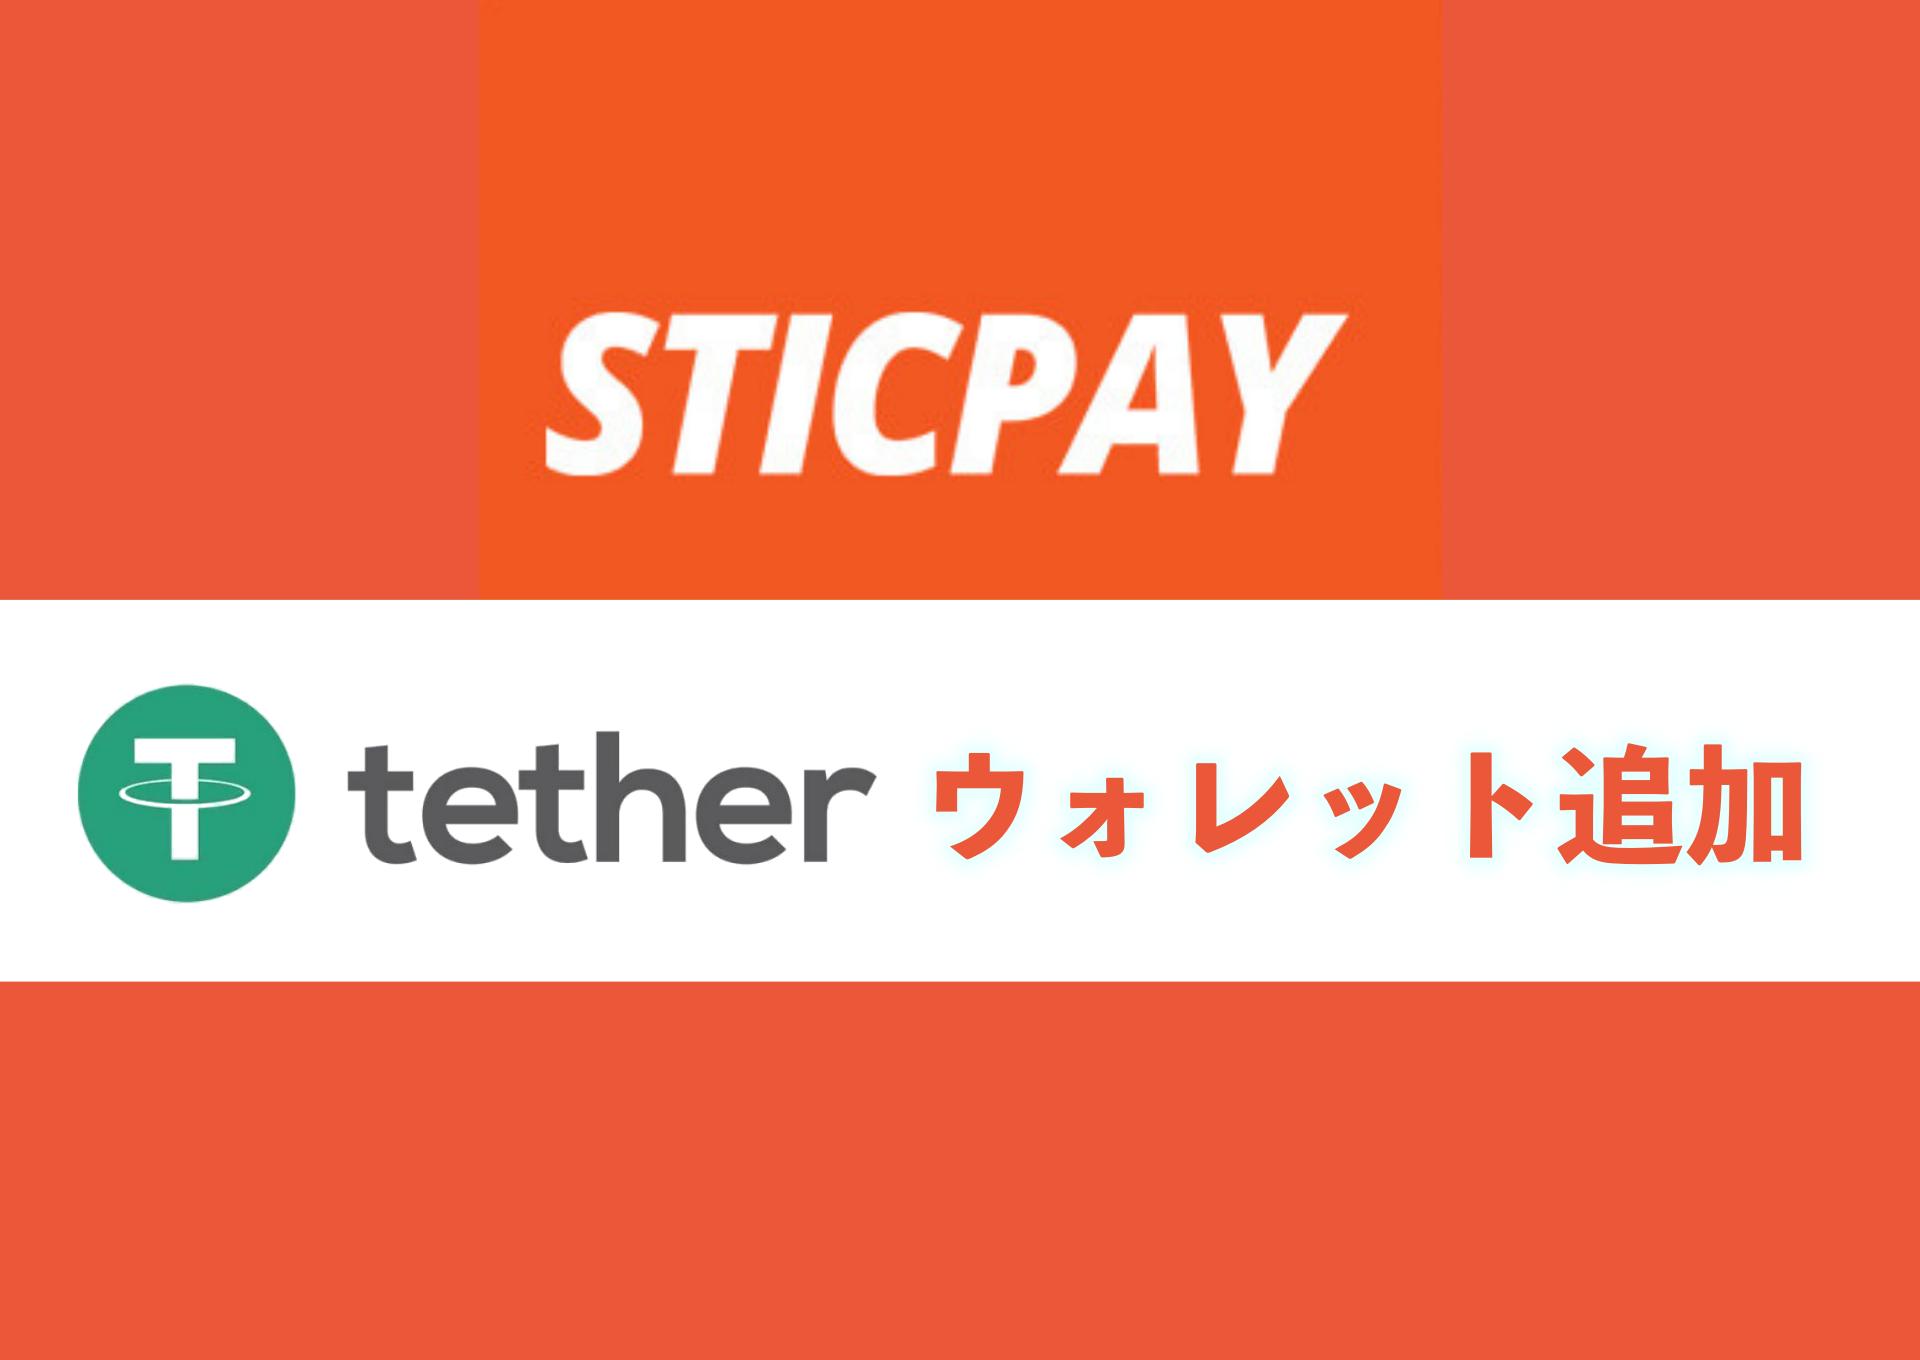 STICPAYで新たに仮想通貨テザー(USDT)での入出金が可能になりました!